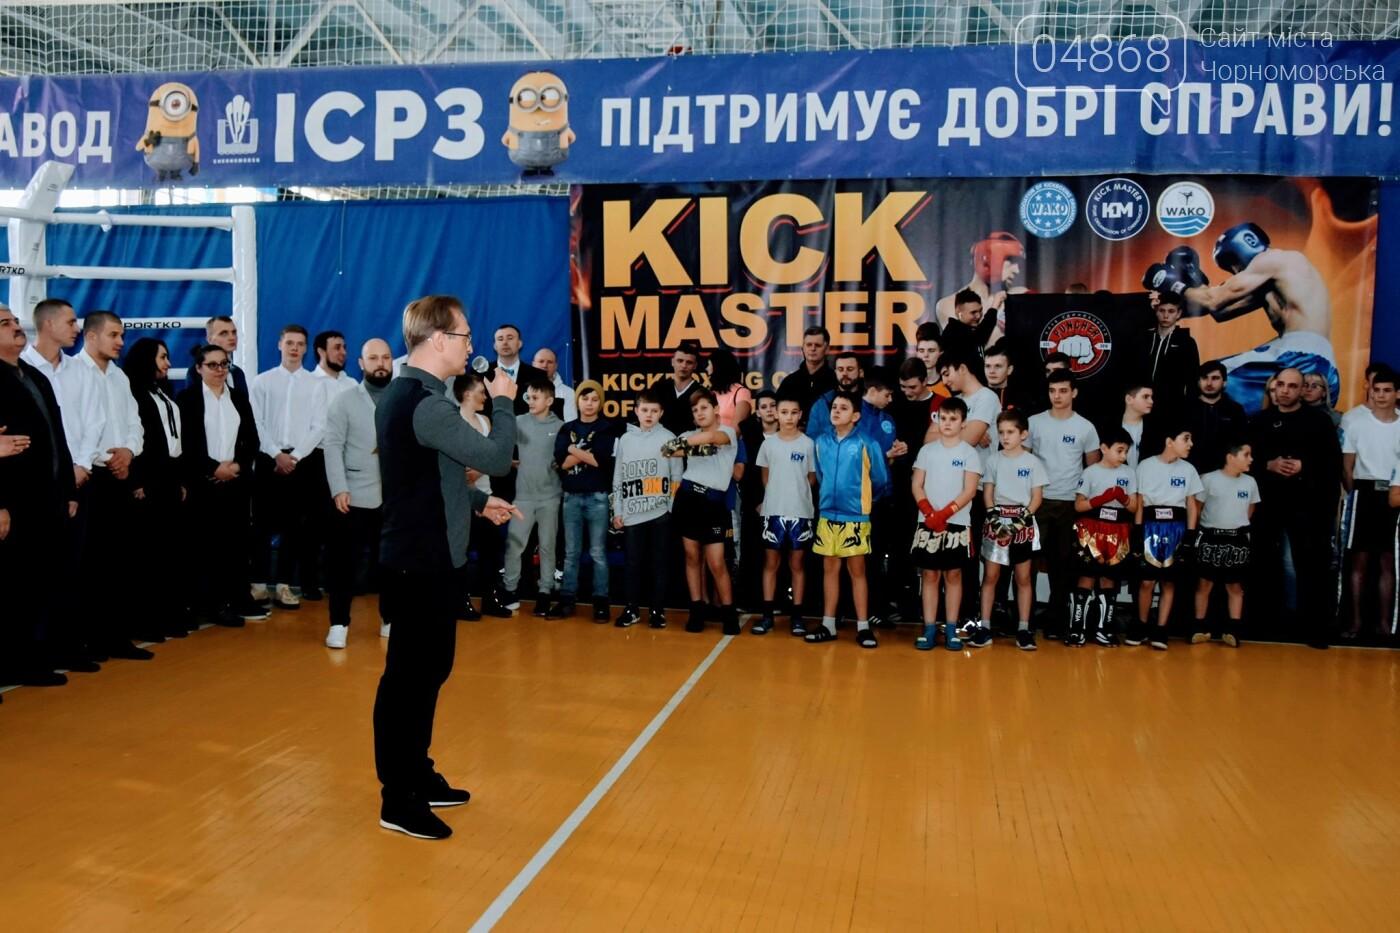 За золотом: в Черноморске прошёл турнир по кикбоксингу (видео), фото-1